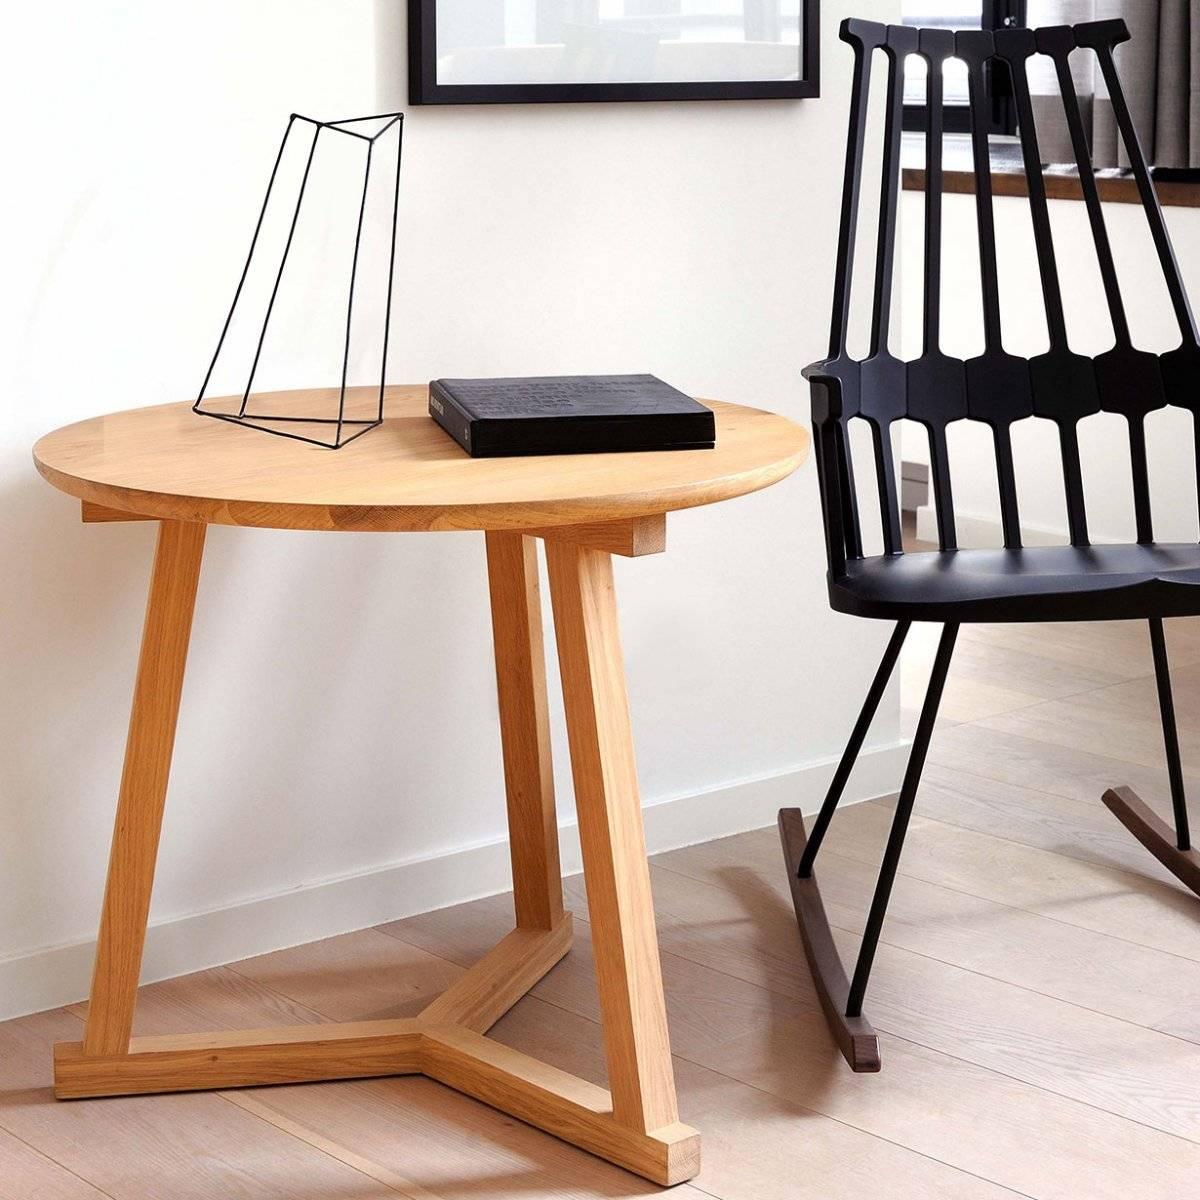 Table Basse Tripod Chêne Ethnicraft - Magasin de meubles design à ...